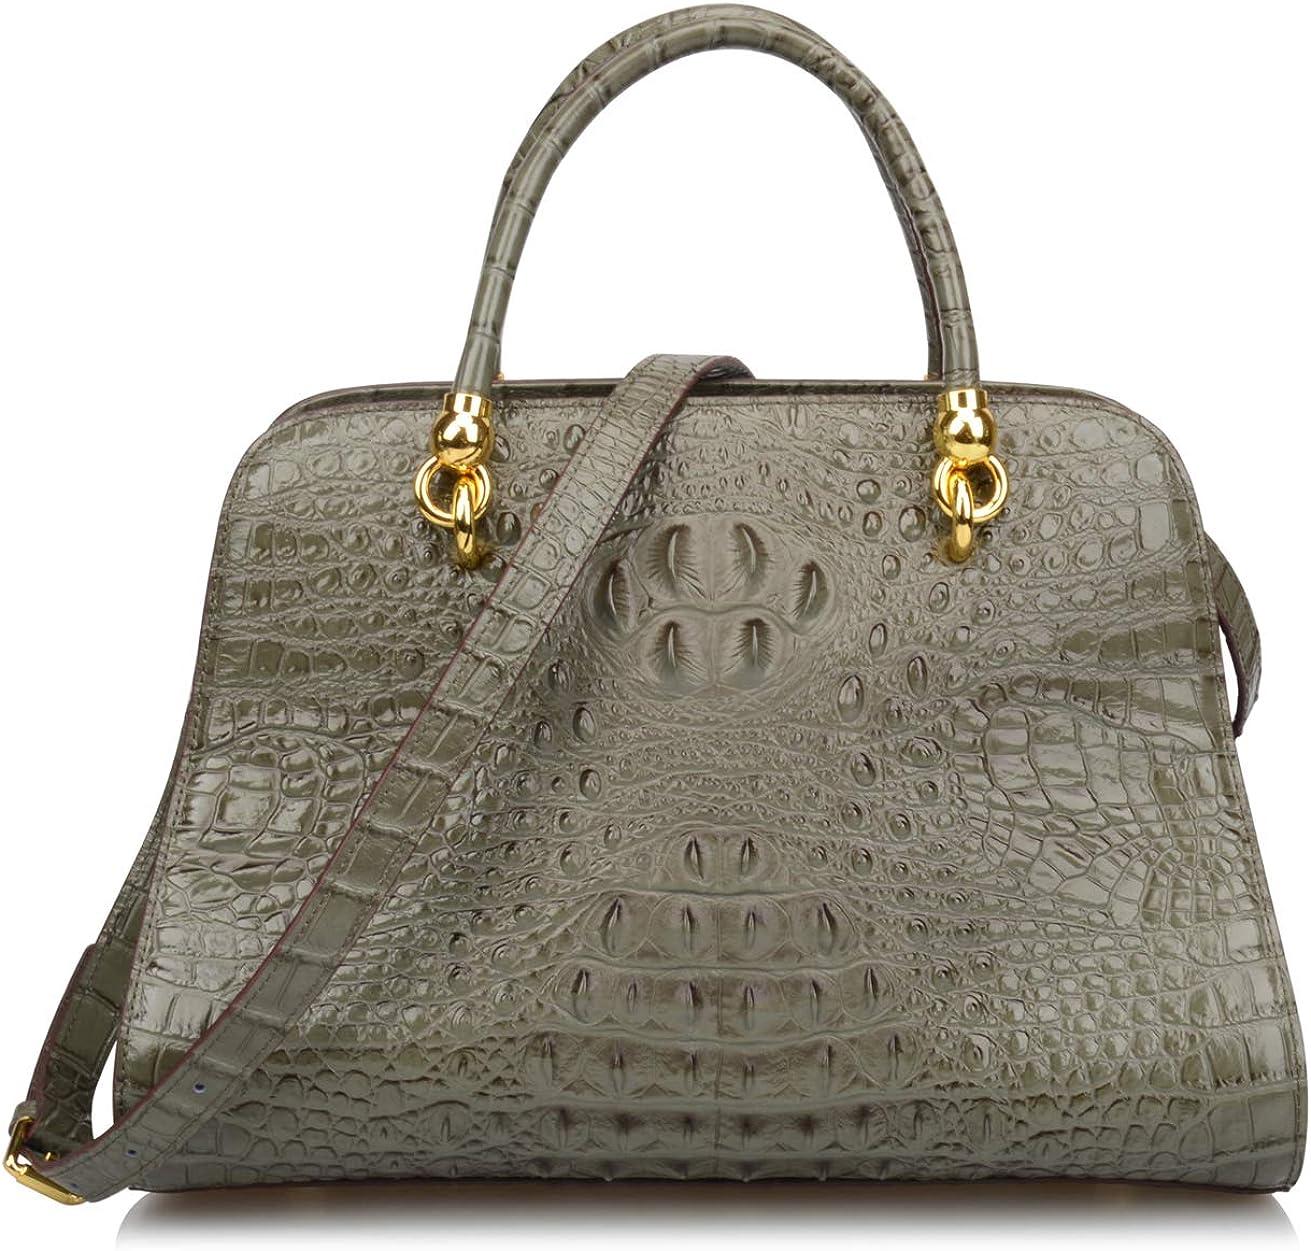 Ainifeel Women's Genuine Leather Crocodile Embossed Top Handle Handbags Shoulder Bags Satchel Purses